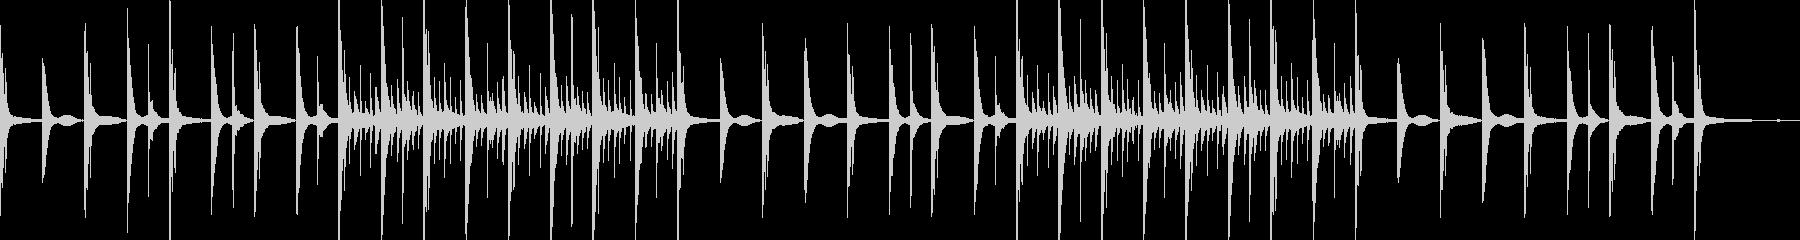 ピアノ 喪失・回想・悲しい決意の未再生の波形